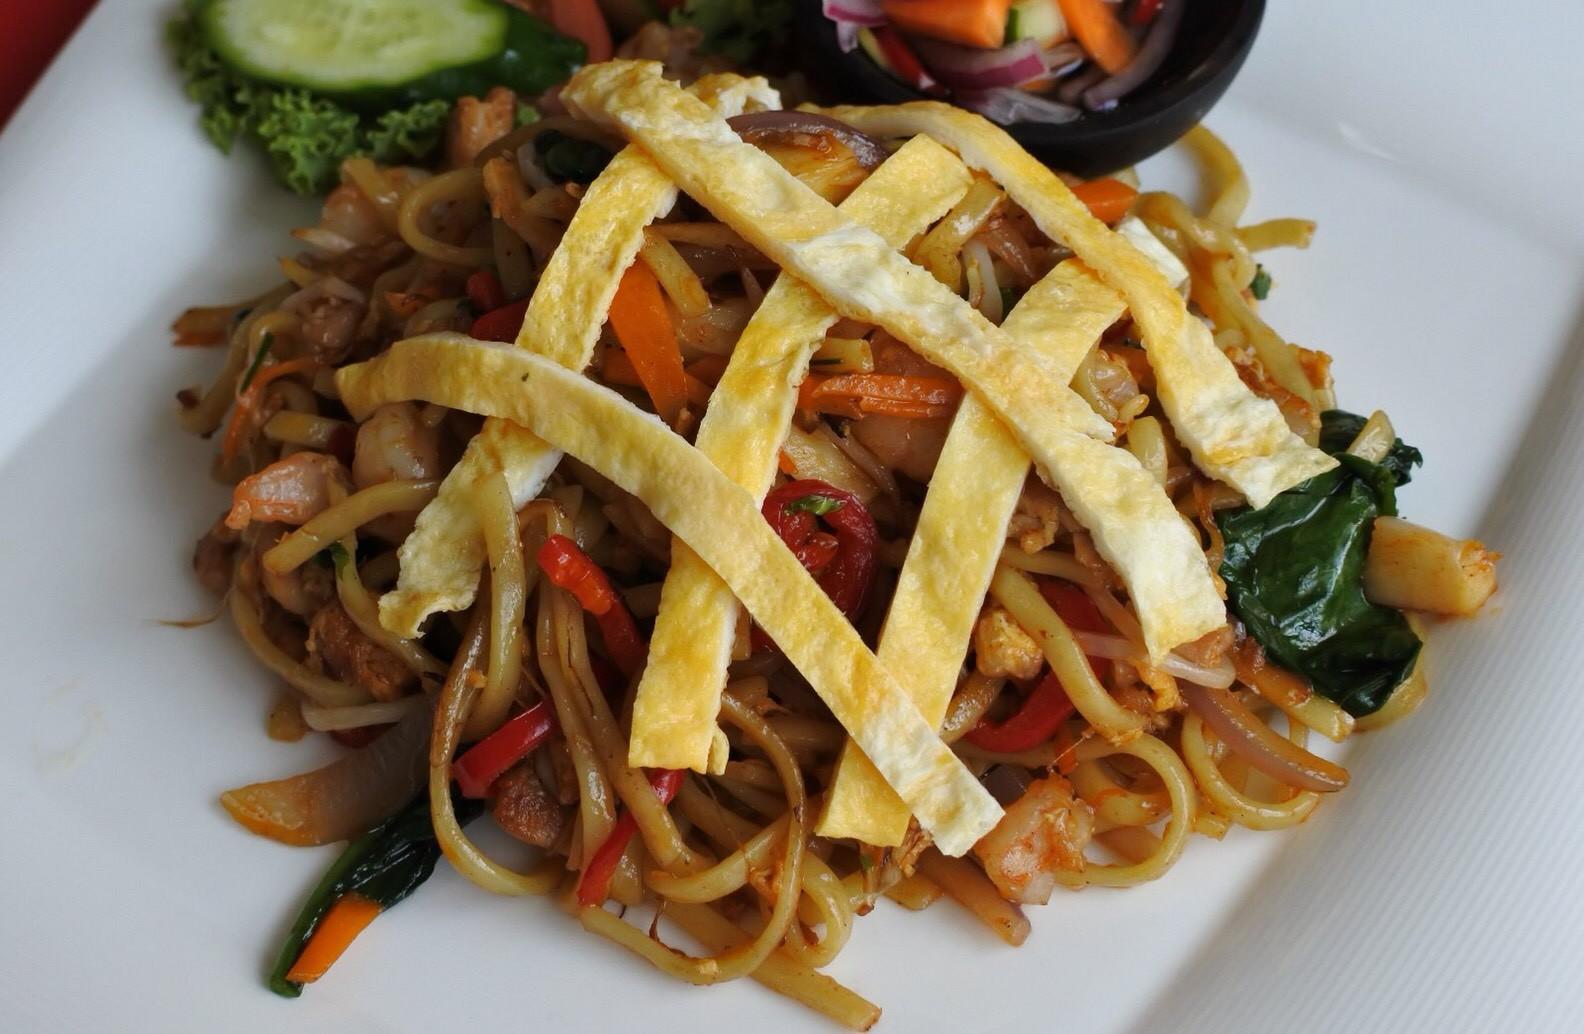 ミーゴレン・シーフード(Mie Goreng Seafood)~バリ島の海鮮焼そば~